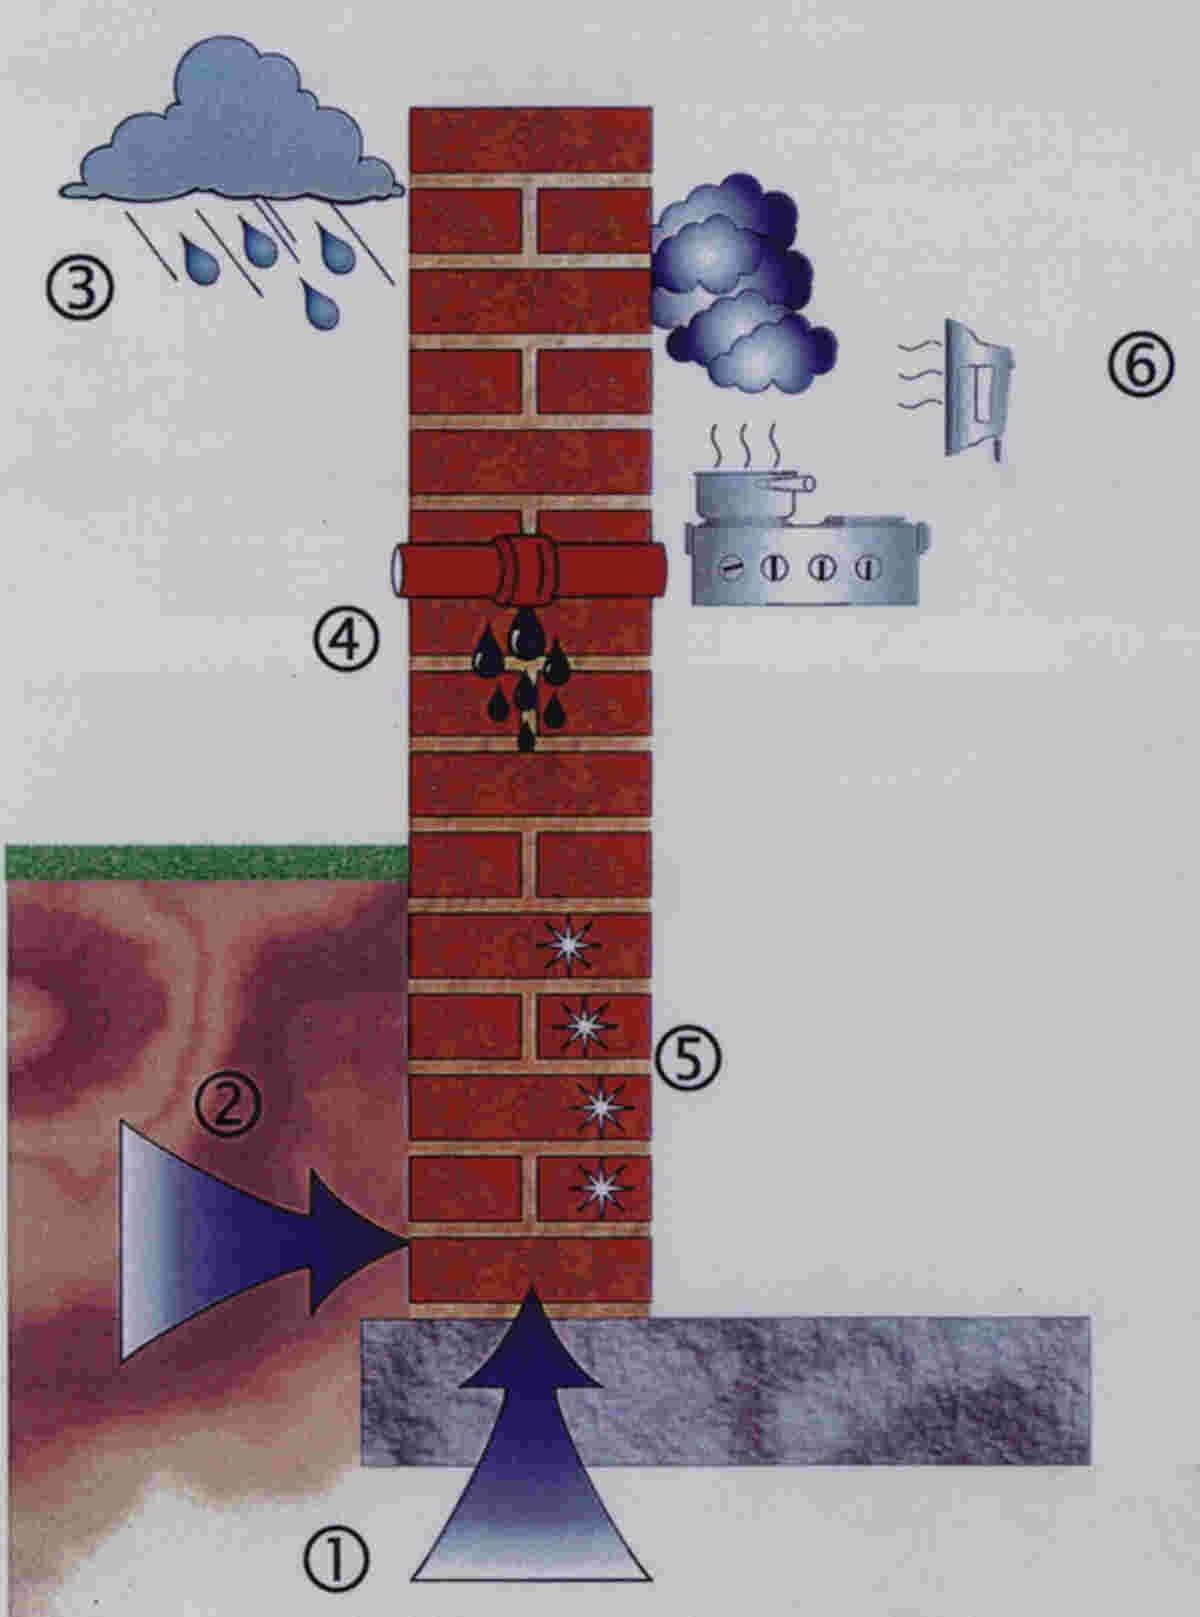 Feuchteschäden beseitigen, Feuchtigkeit und Nässe in Gebäuden beseitigen